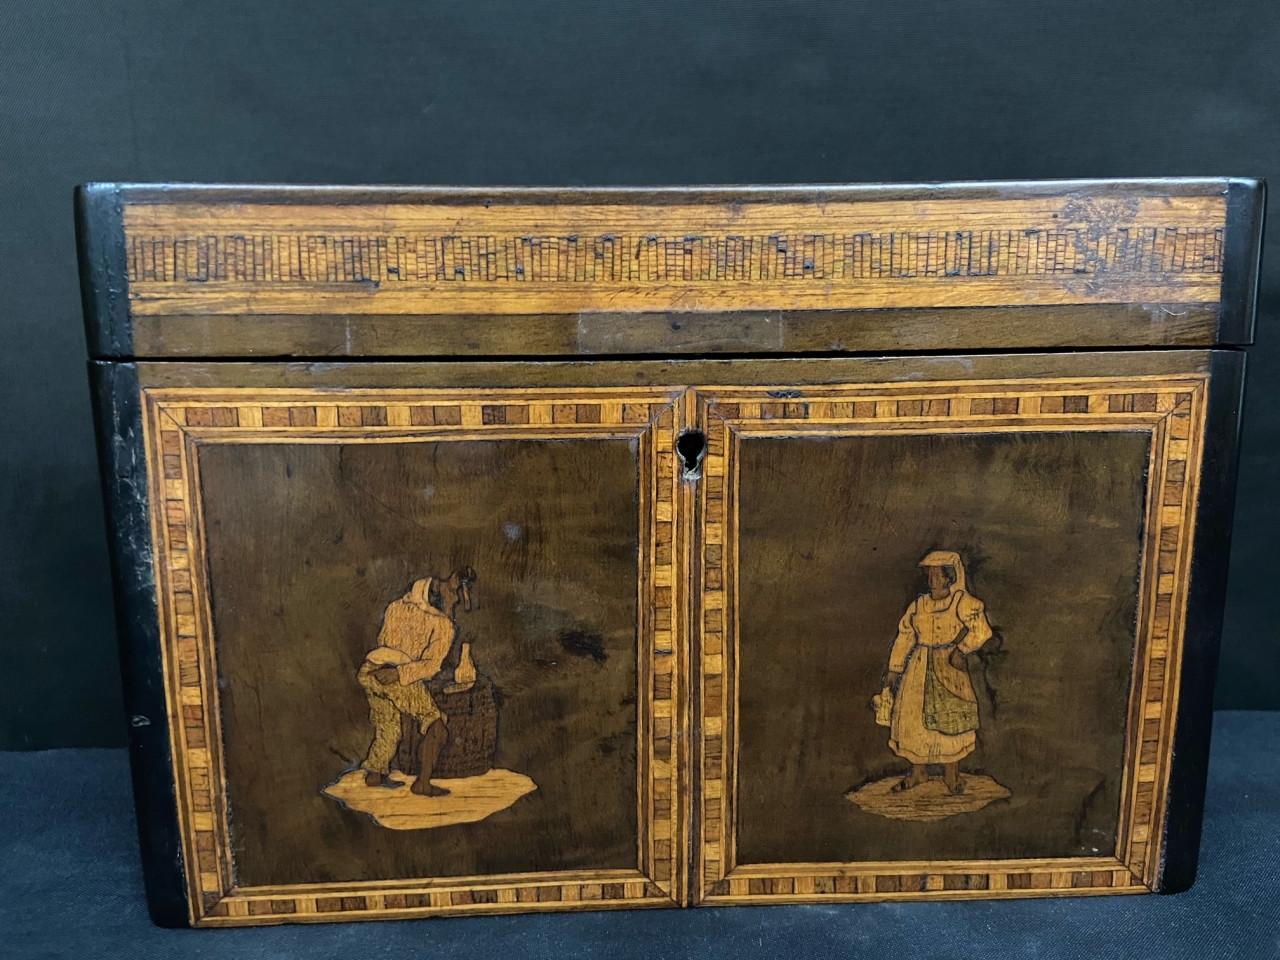 Scatola da te intarsiata in legno d'ulivo - Antichità Ioviero